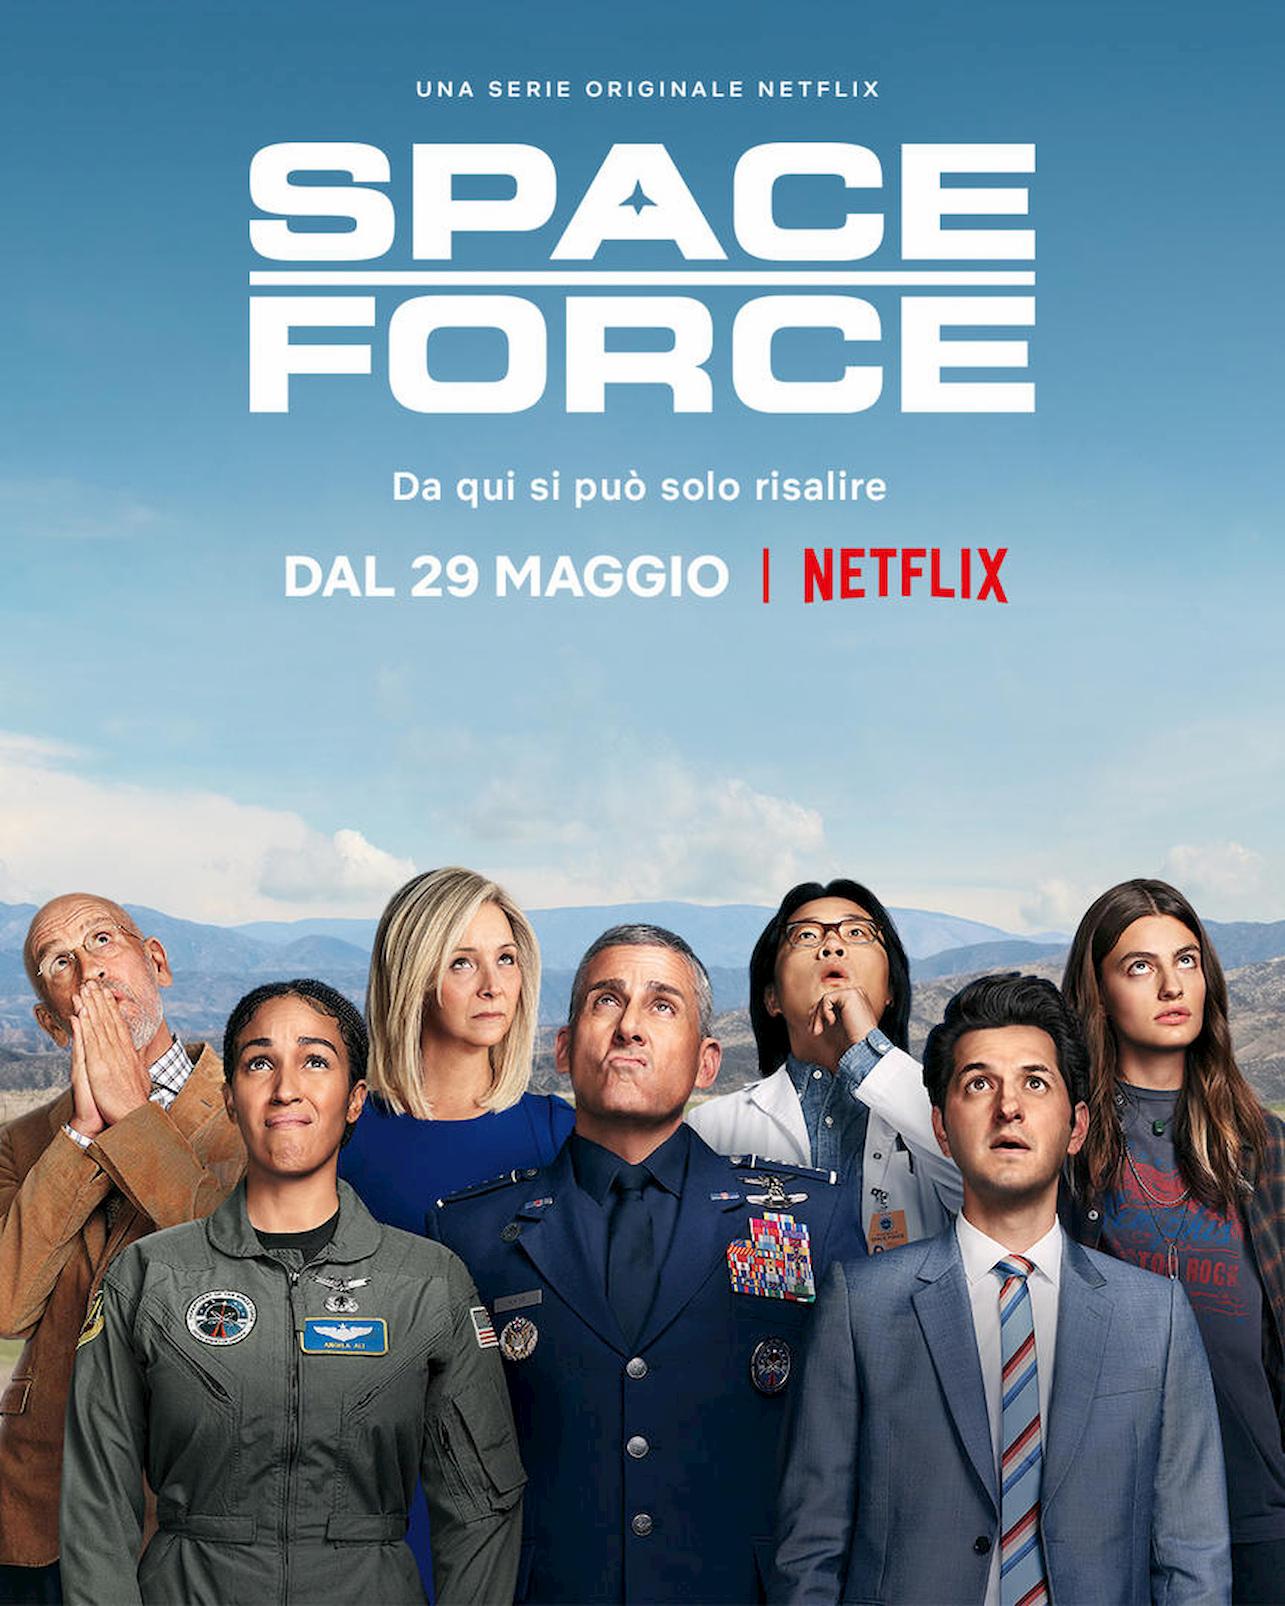 space force trailer netflix steve carell